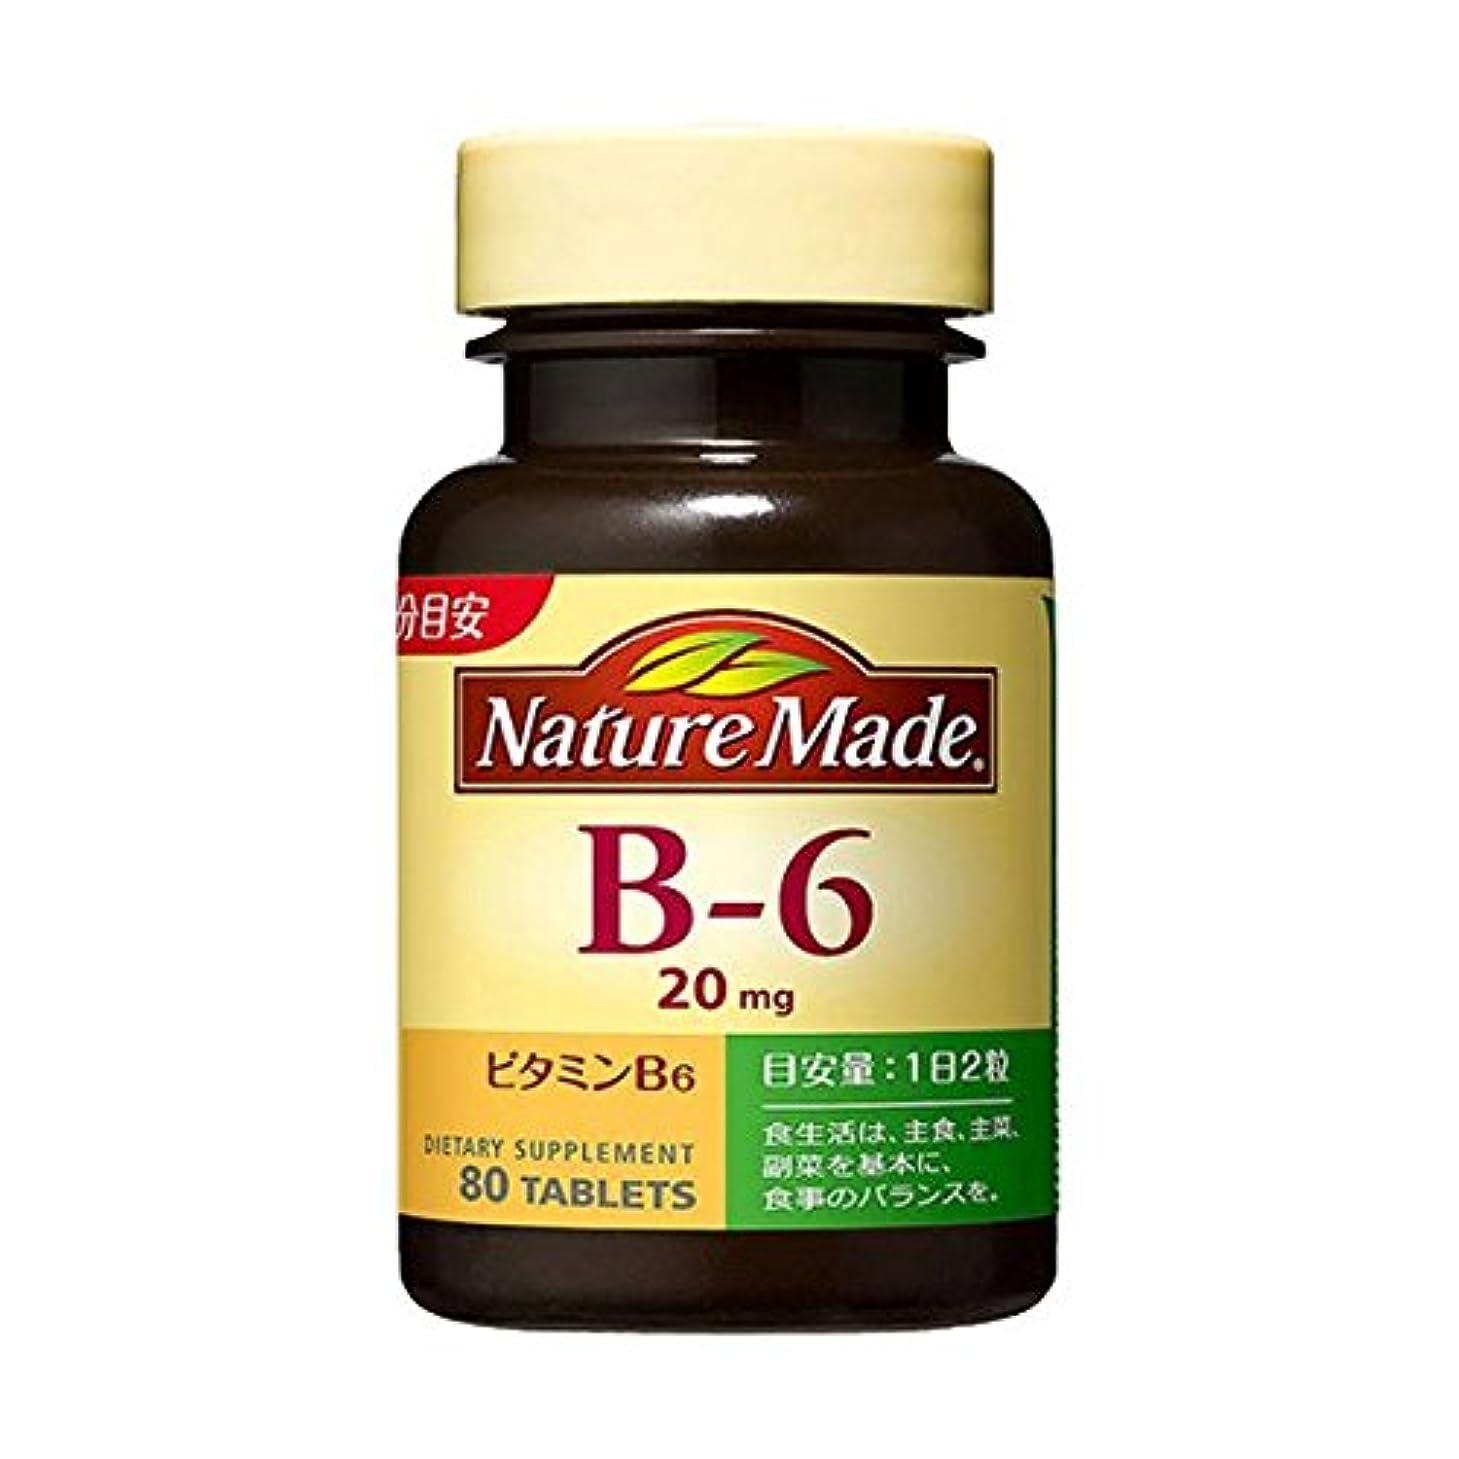 苦難ご覧ください掘る大塚製薬 ネイチャーメイド ビタミンB6 80粒×3個入